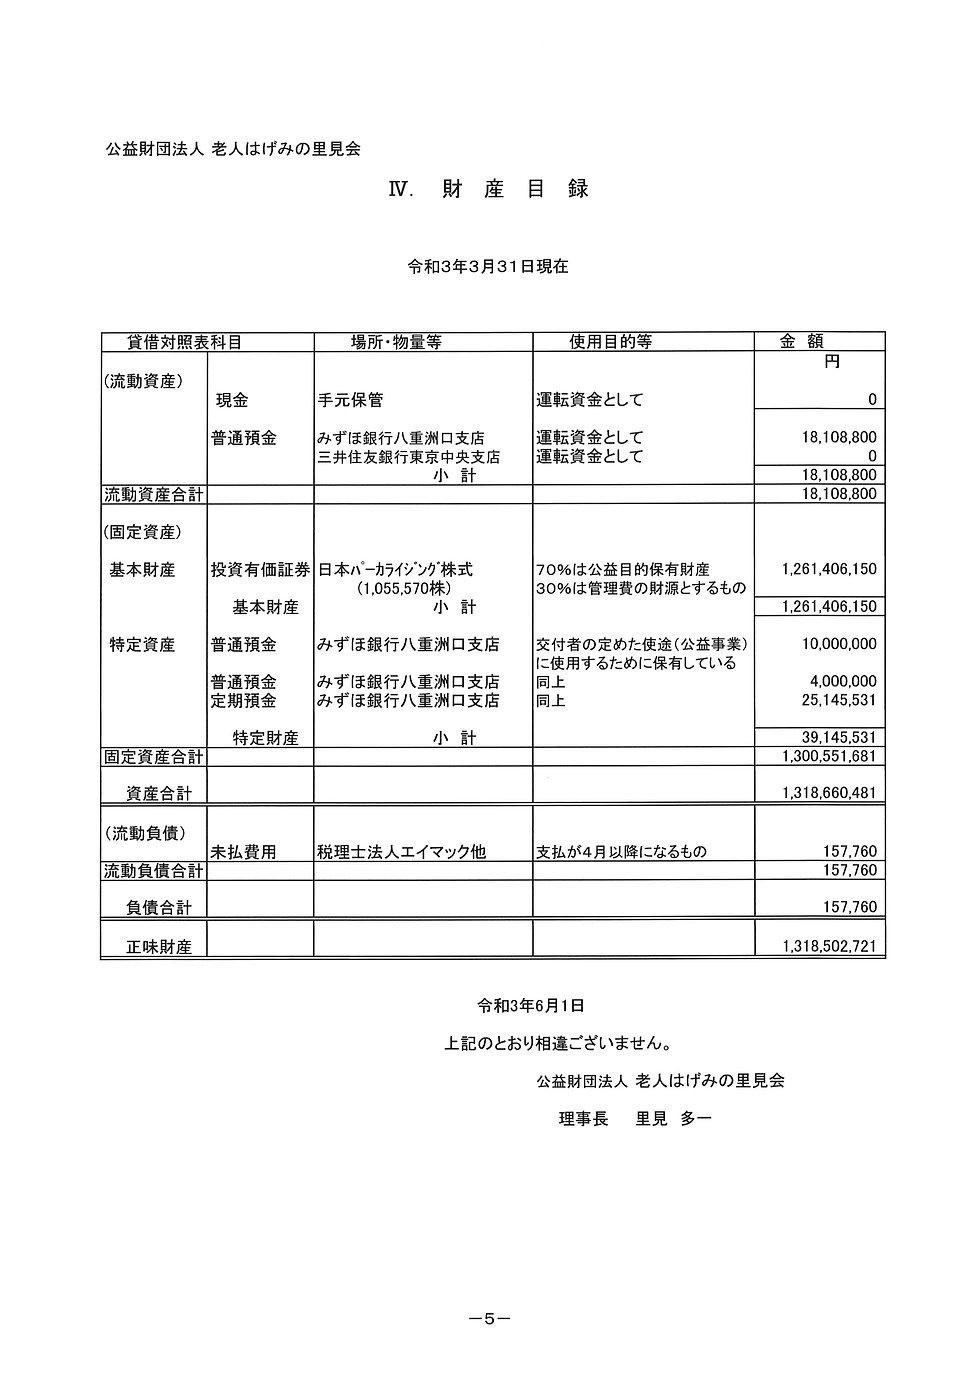 財産目録 R3.3.31.jpg